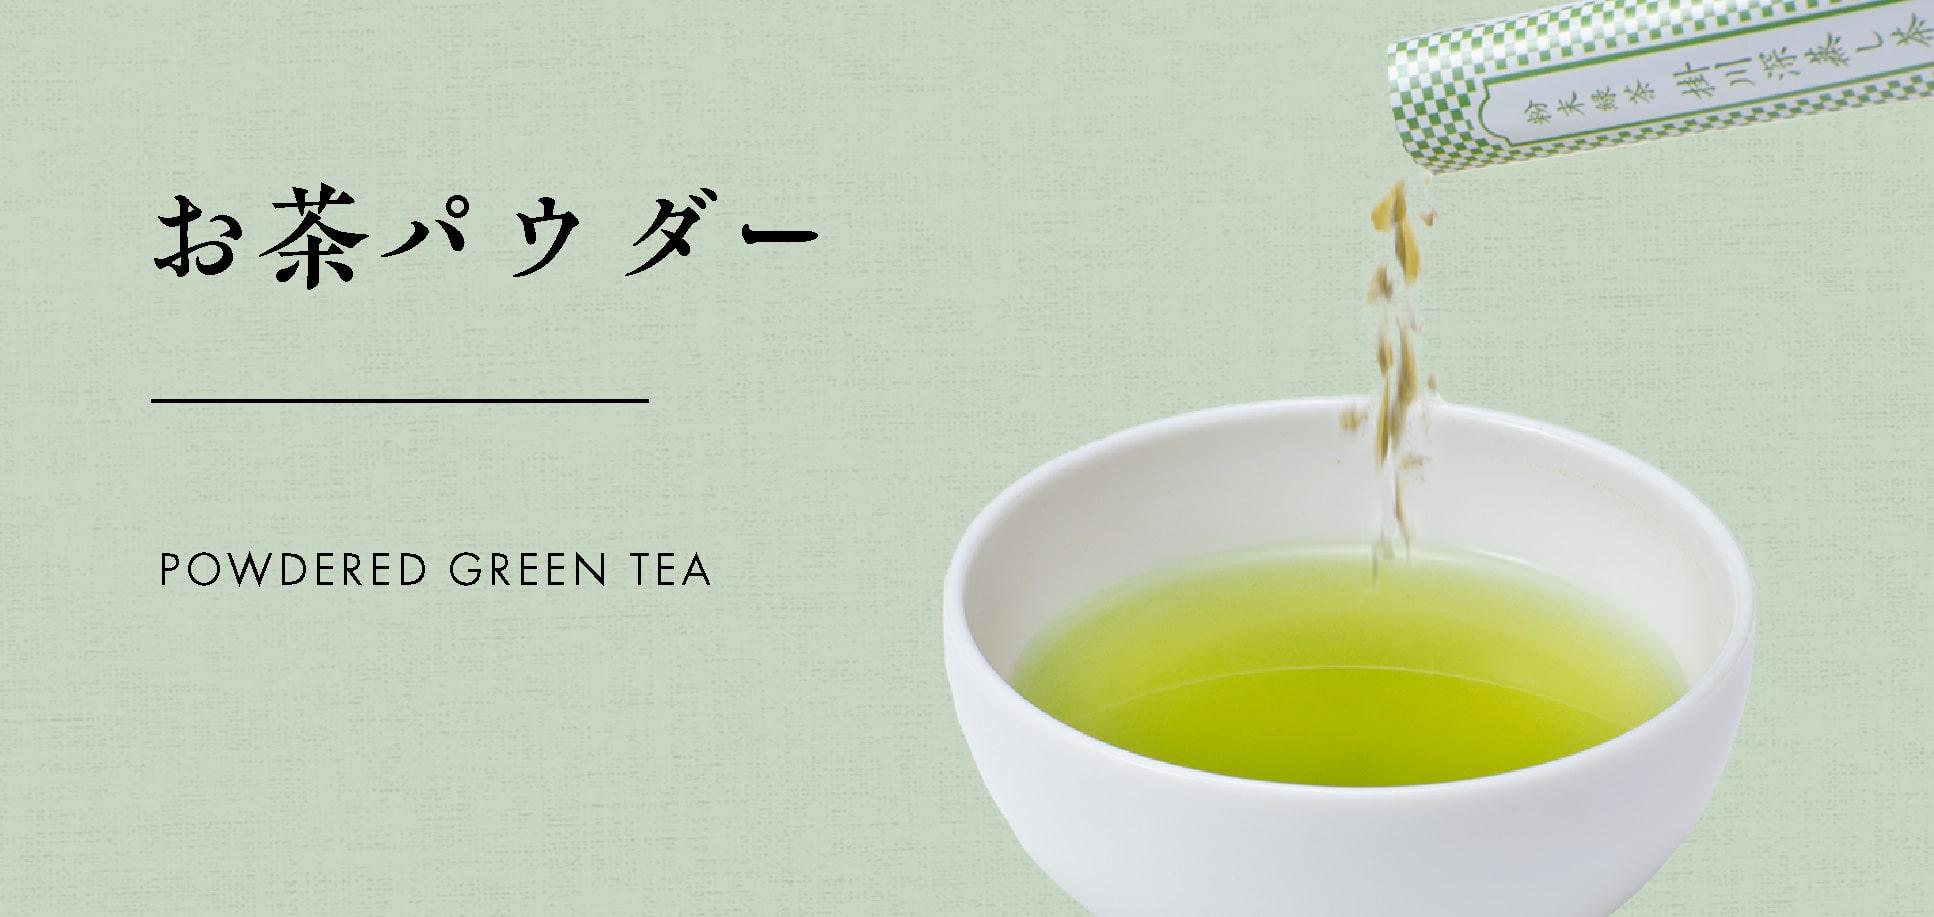 【かねじょう・茶の庭】お茶パウダー